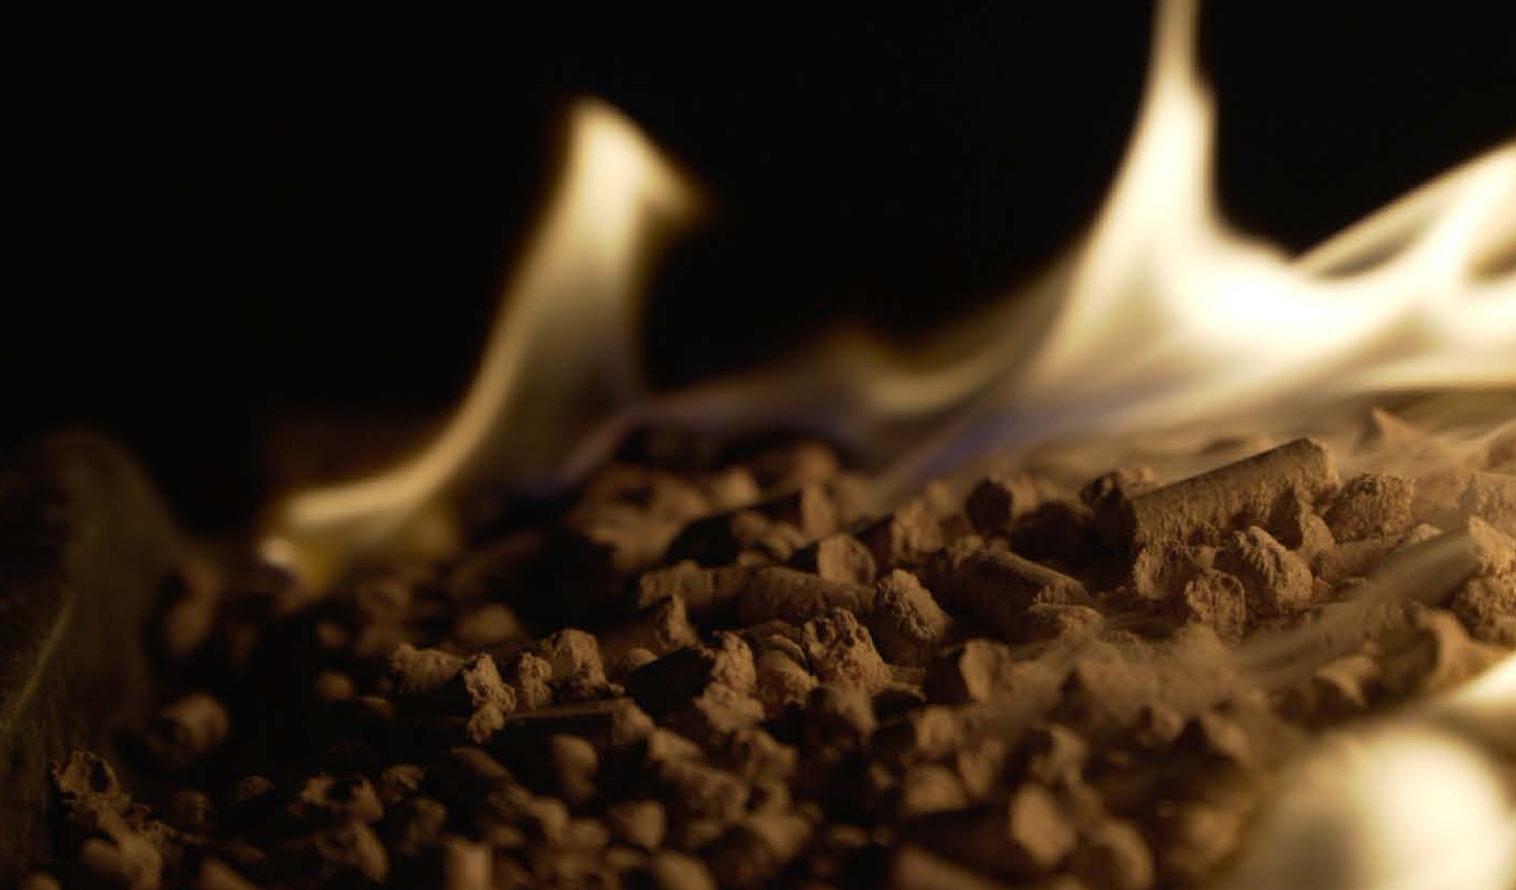 Faut-il brûler des forêts pour produire de l'énergie ?